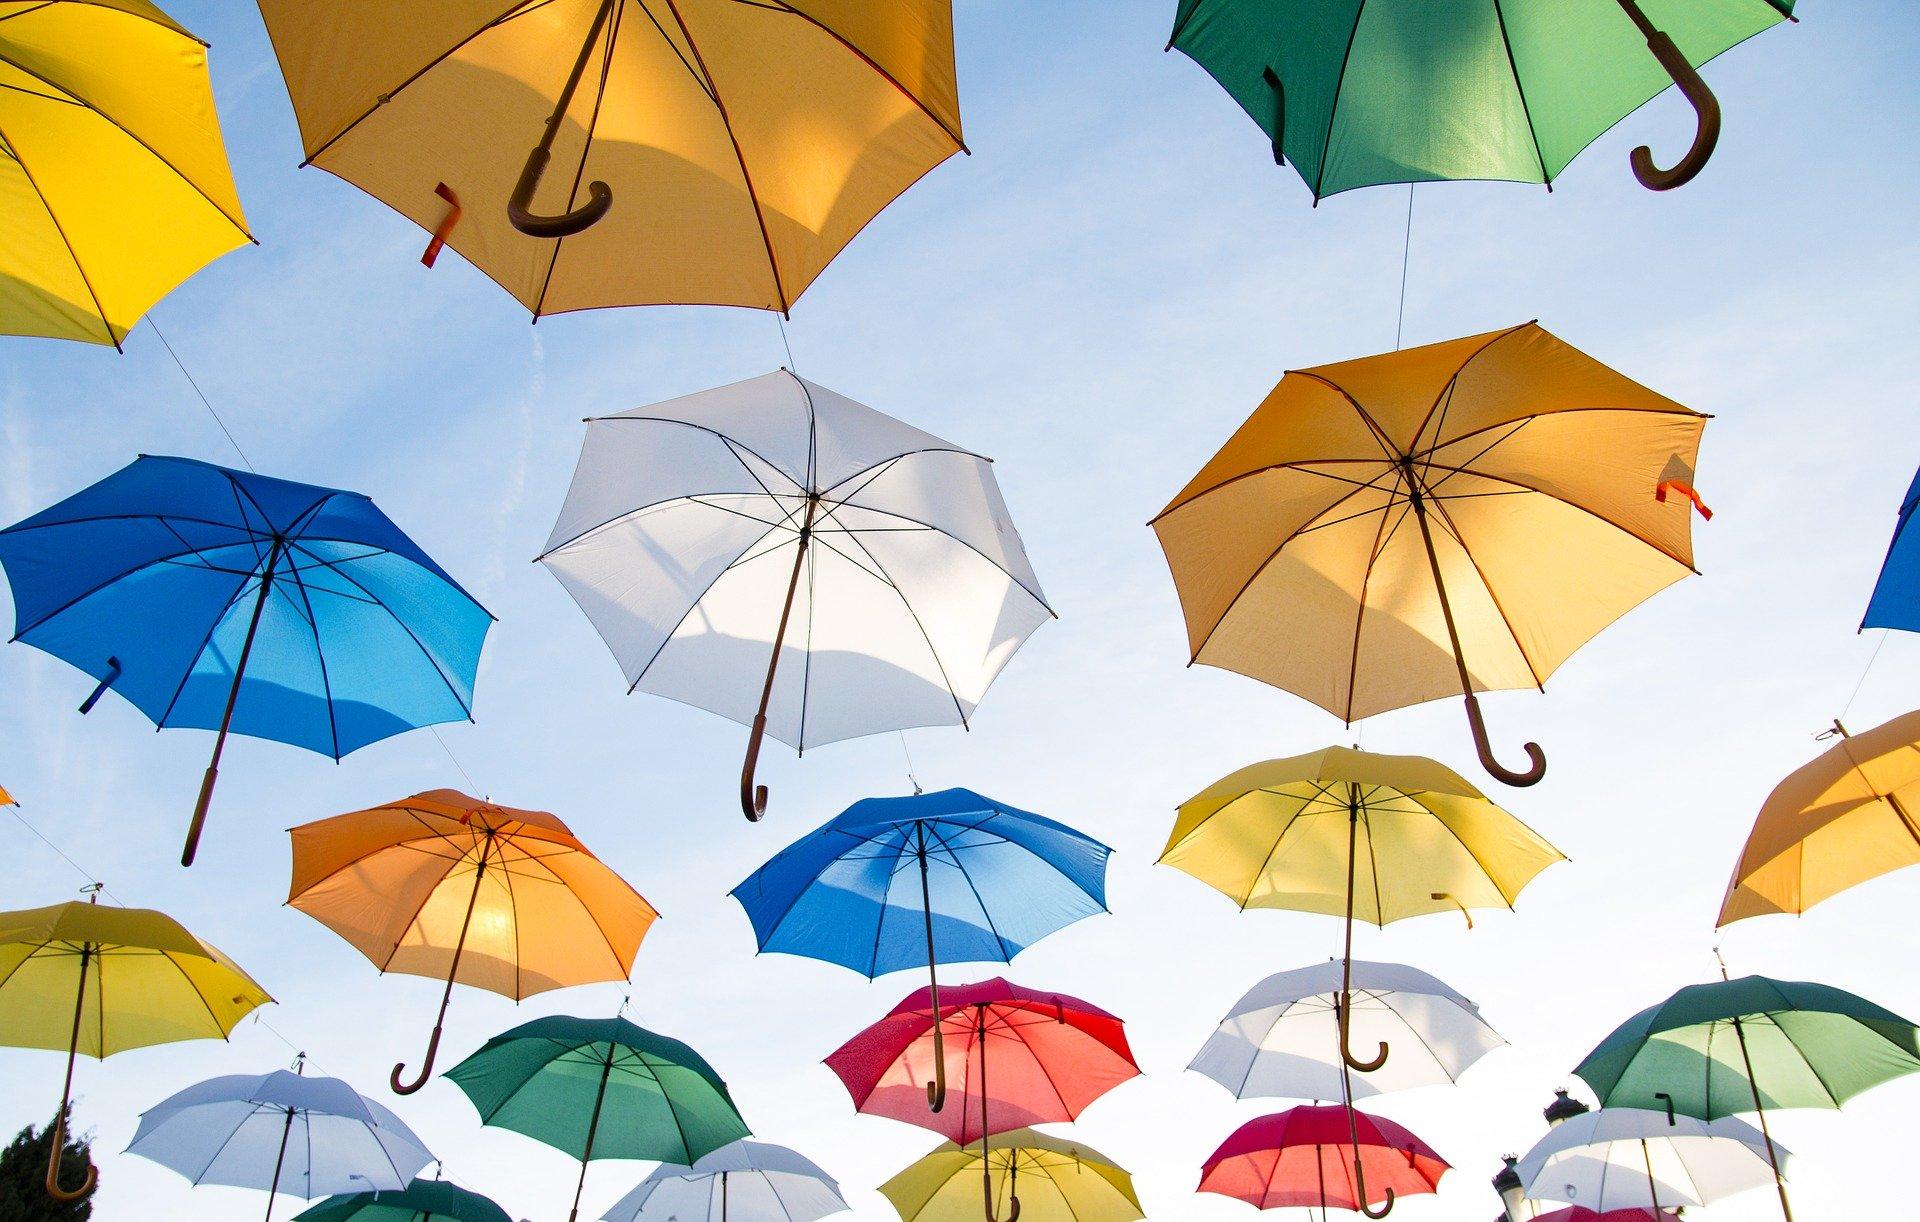 Umbrellas 1281751 1920